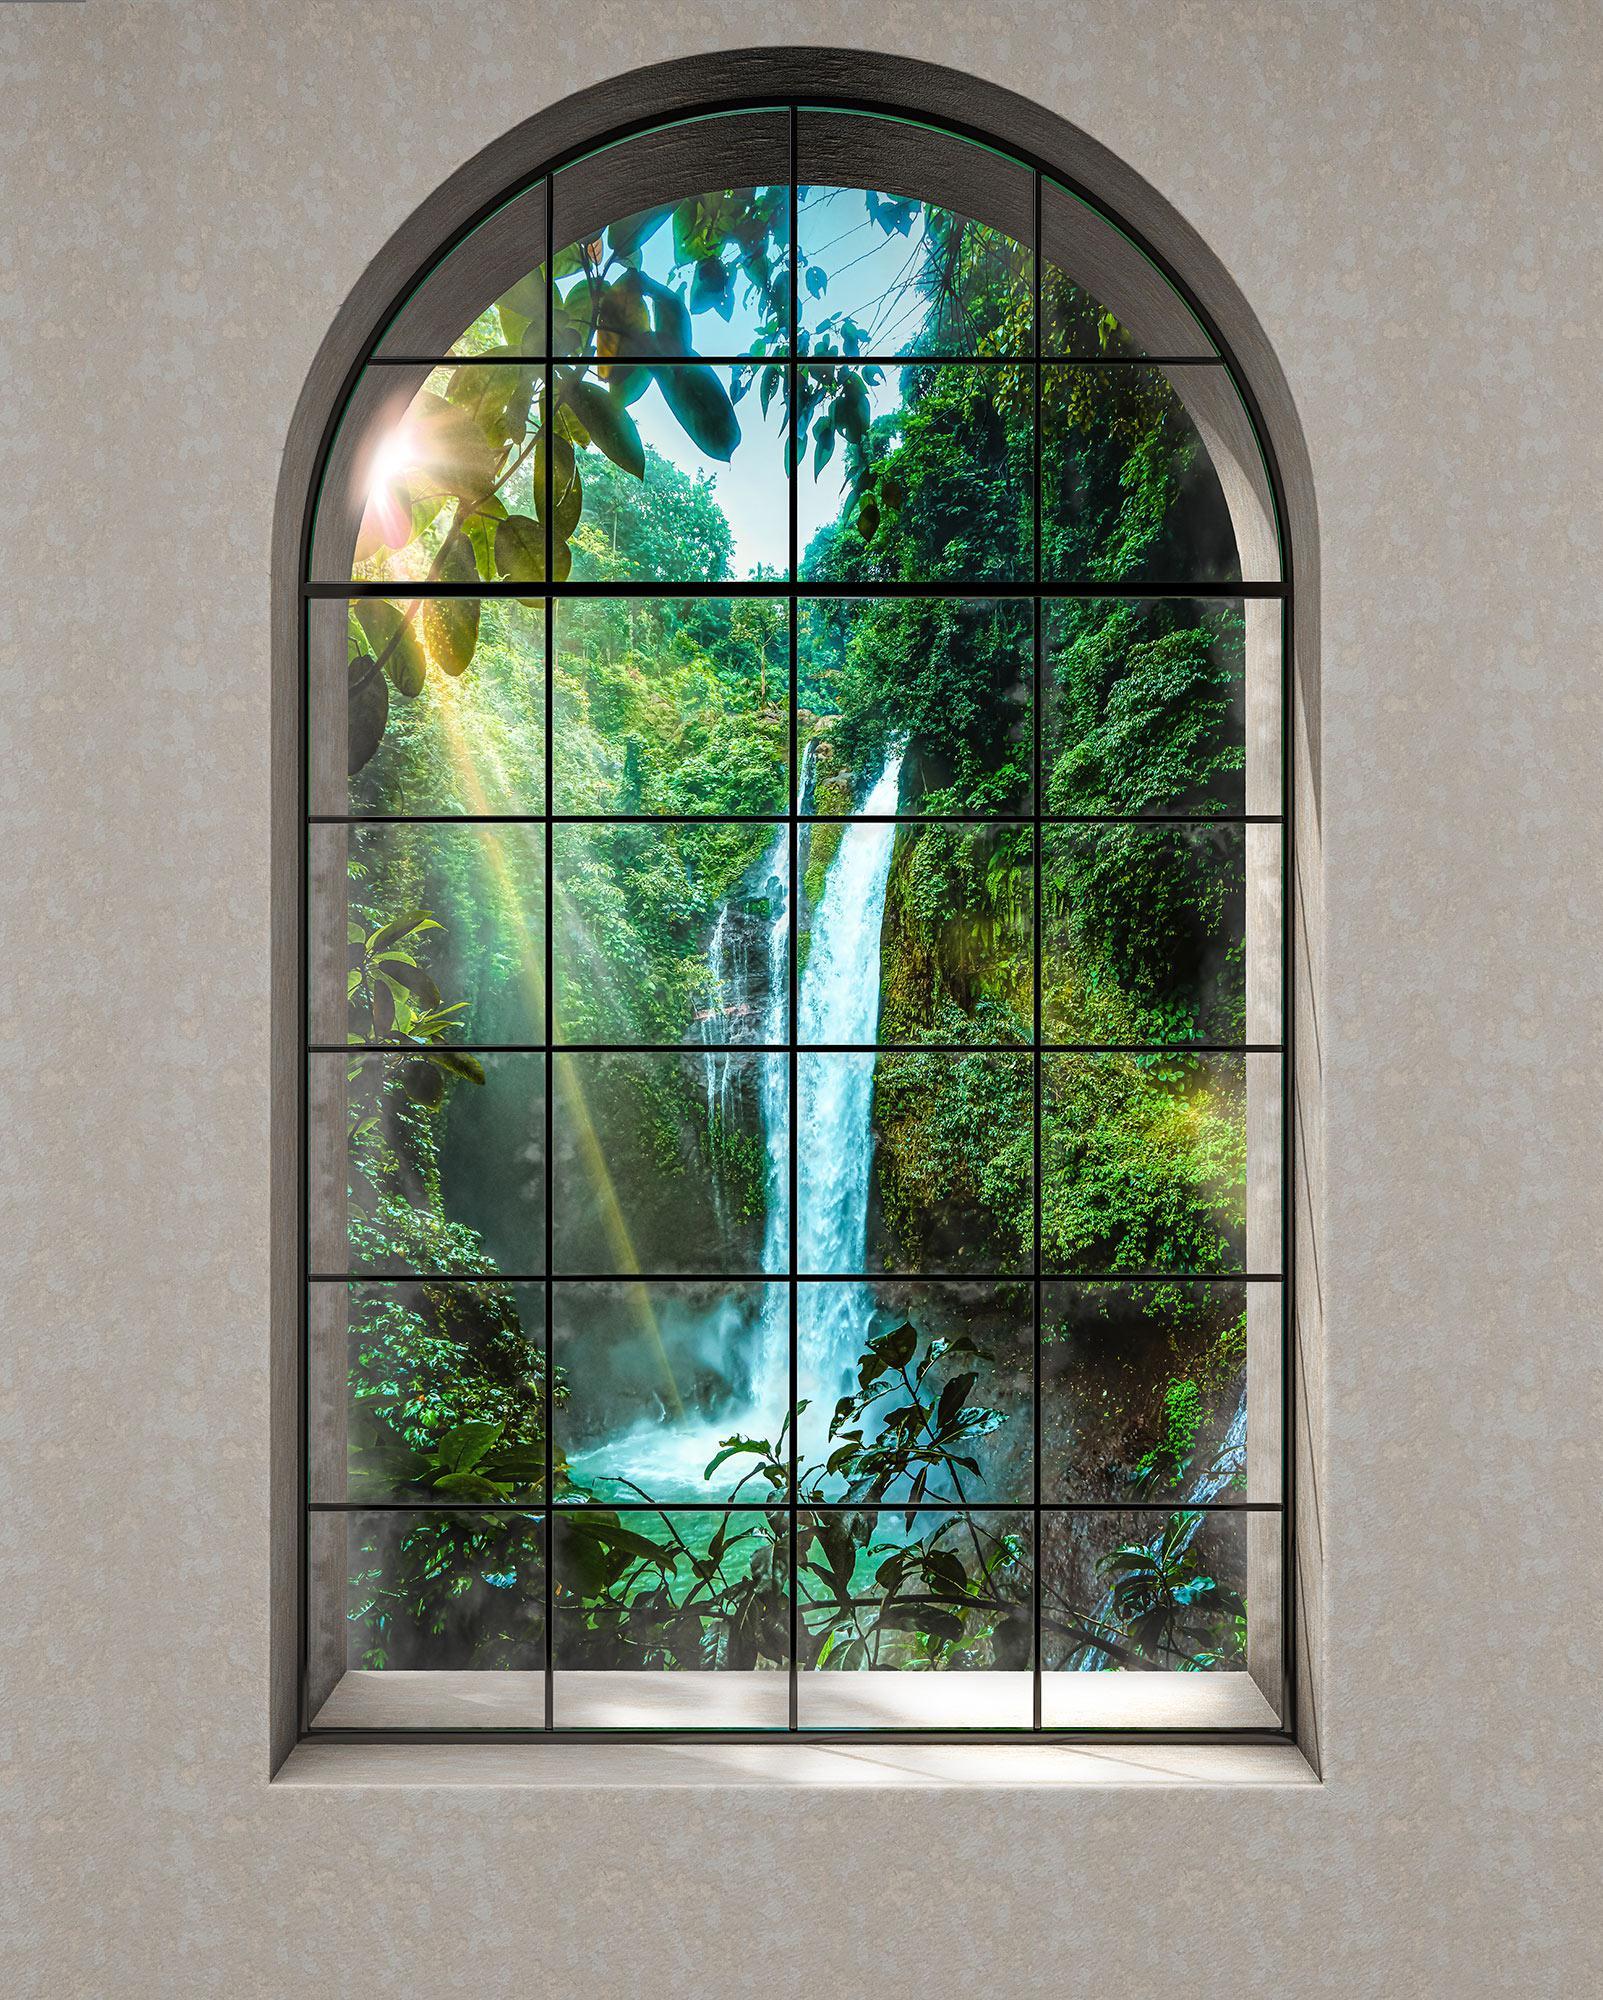 Papier Peint Verriere Panoramique Rainforest Papier Peint Komar Home